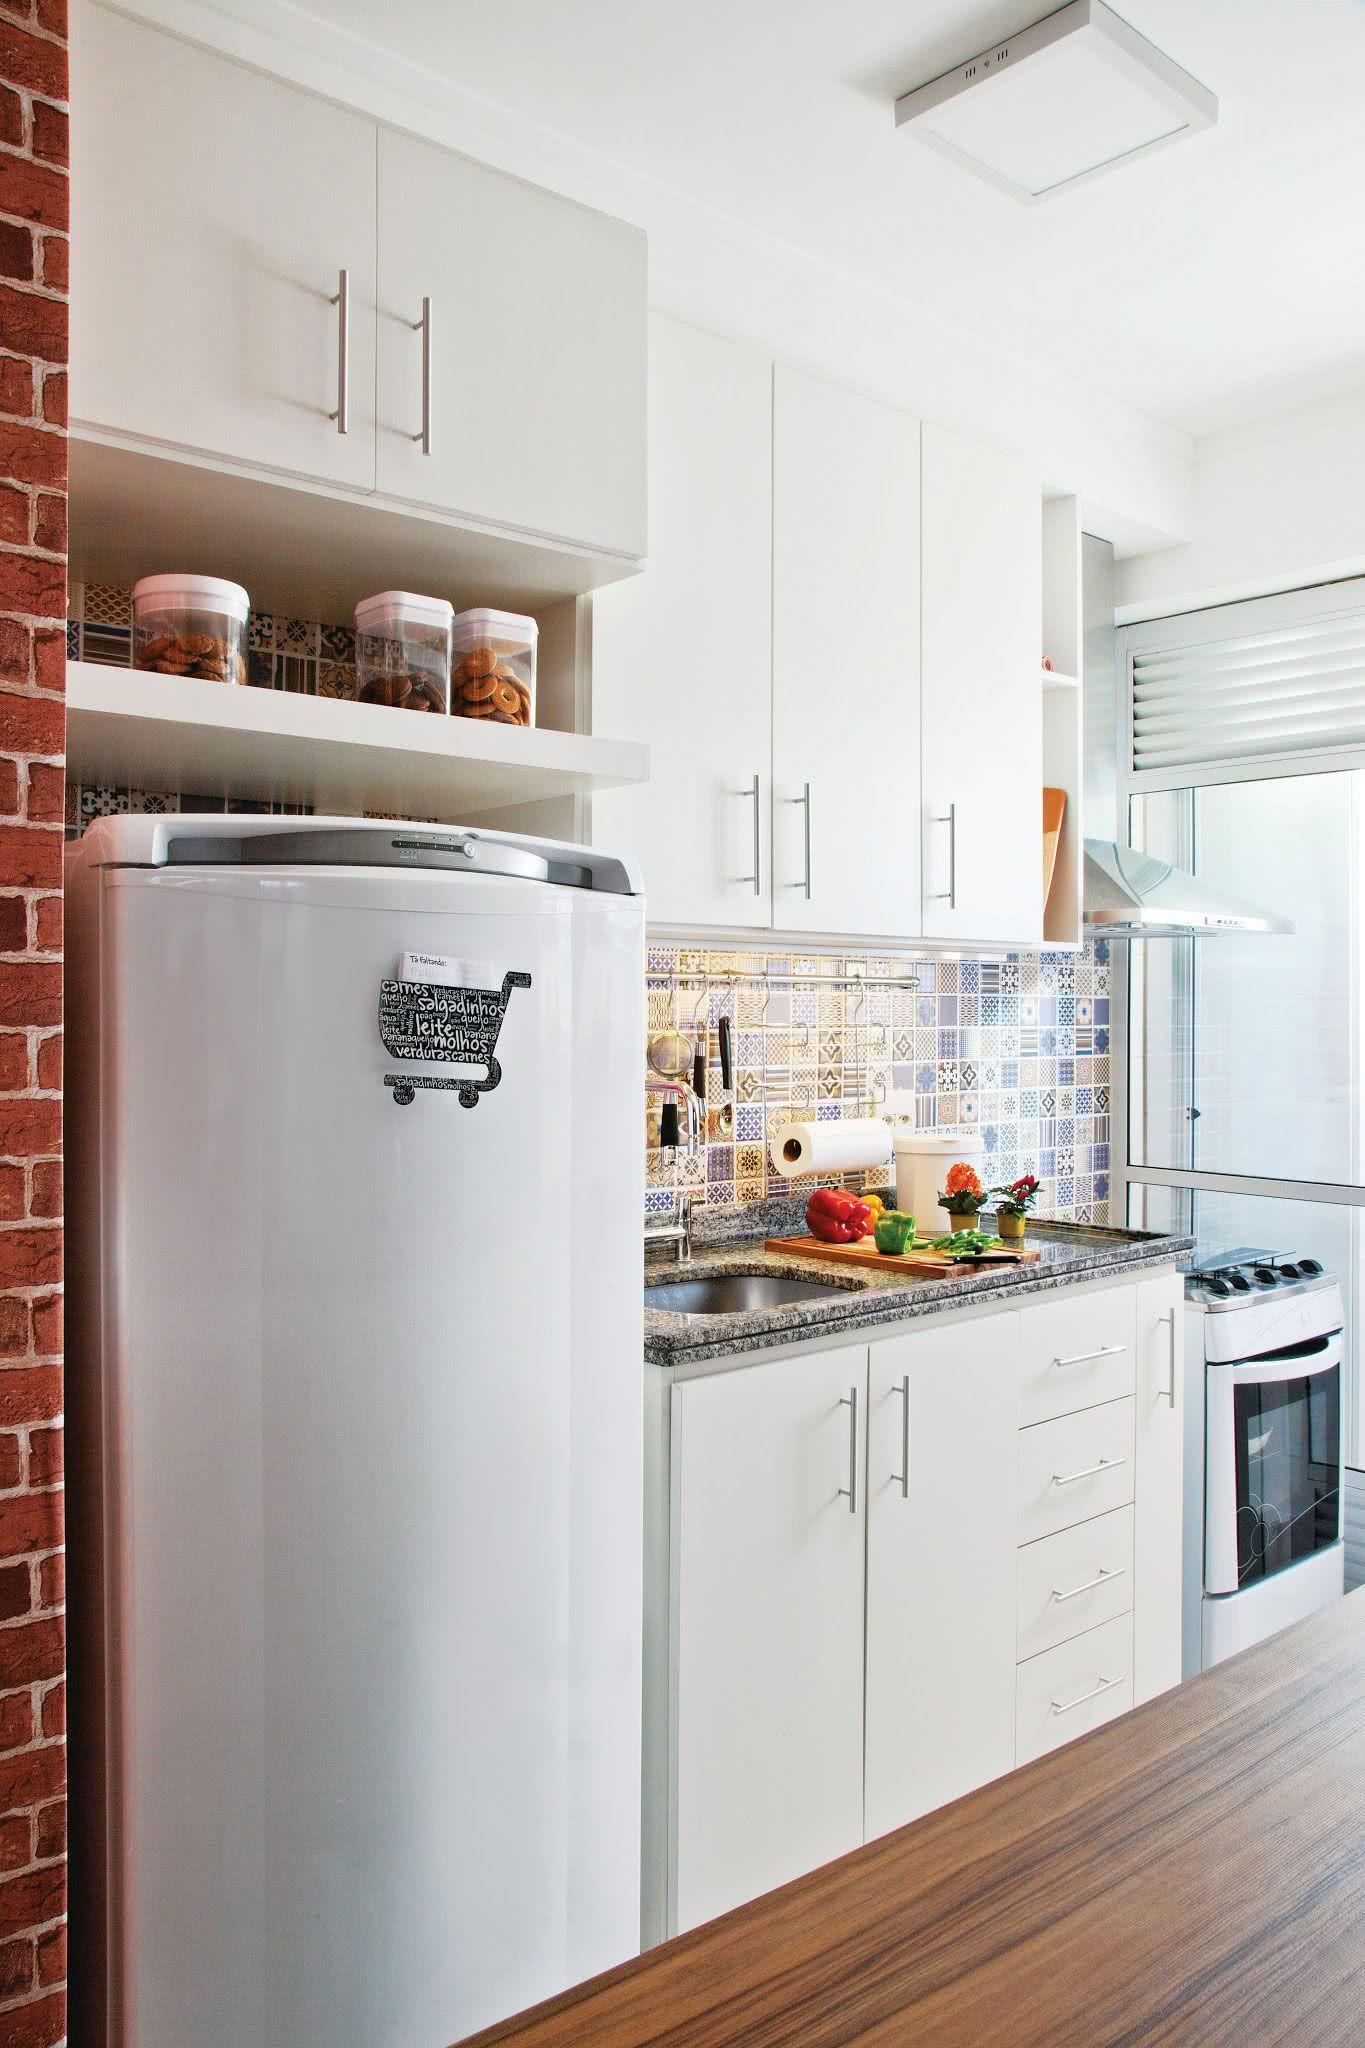 119 Cozinhas Pequenas Modernas, Planejadas e Decoradas # Cozinha Planejada Pequena Bh